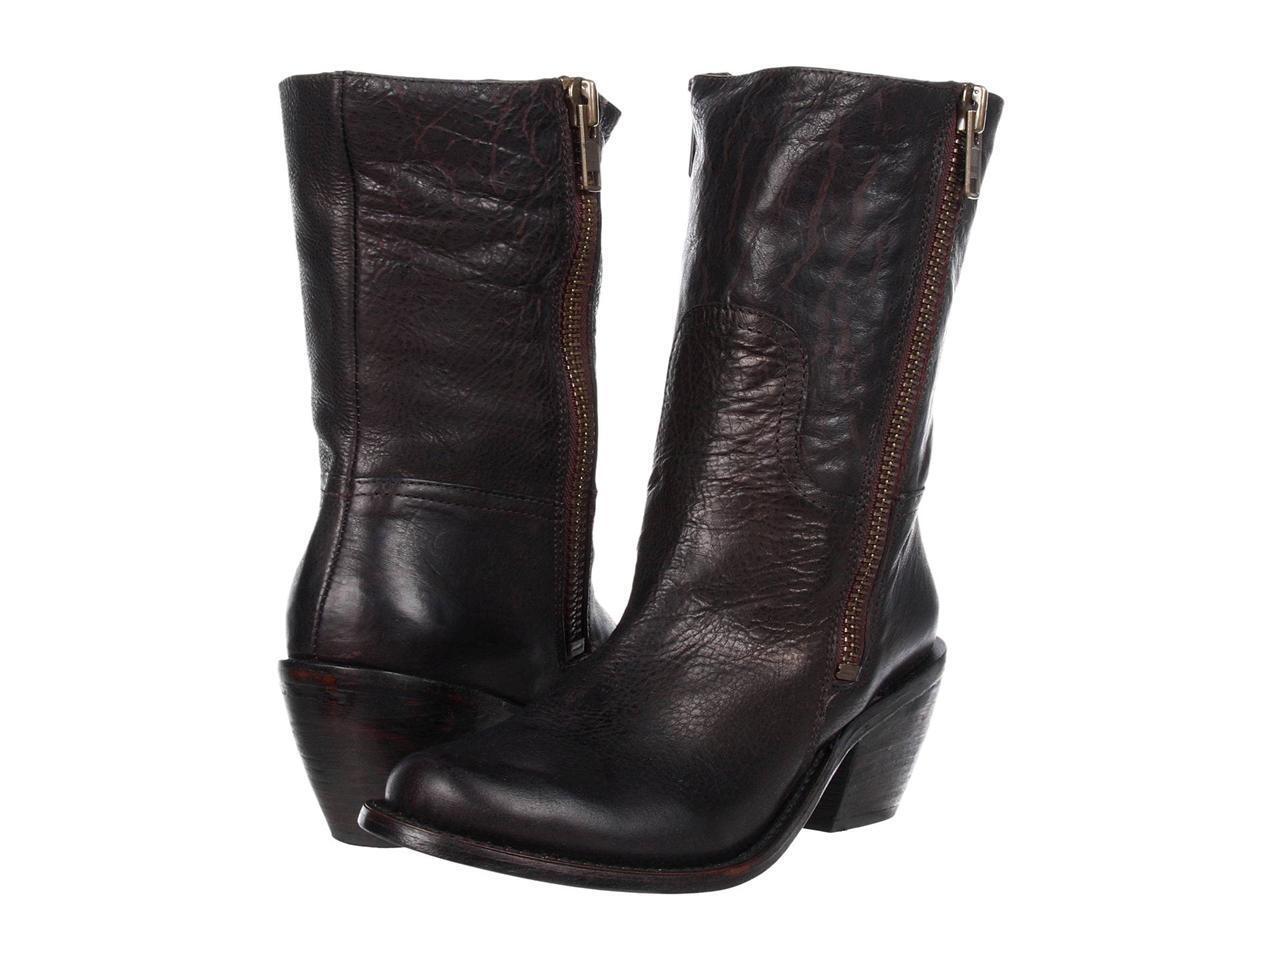 spedizione e scambi gratuiti. DV Dolce Vita Evelyne avvio avvio avvio nero Distressed Leather Mid Calf Side Zipper Marrone  esclusivo